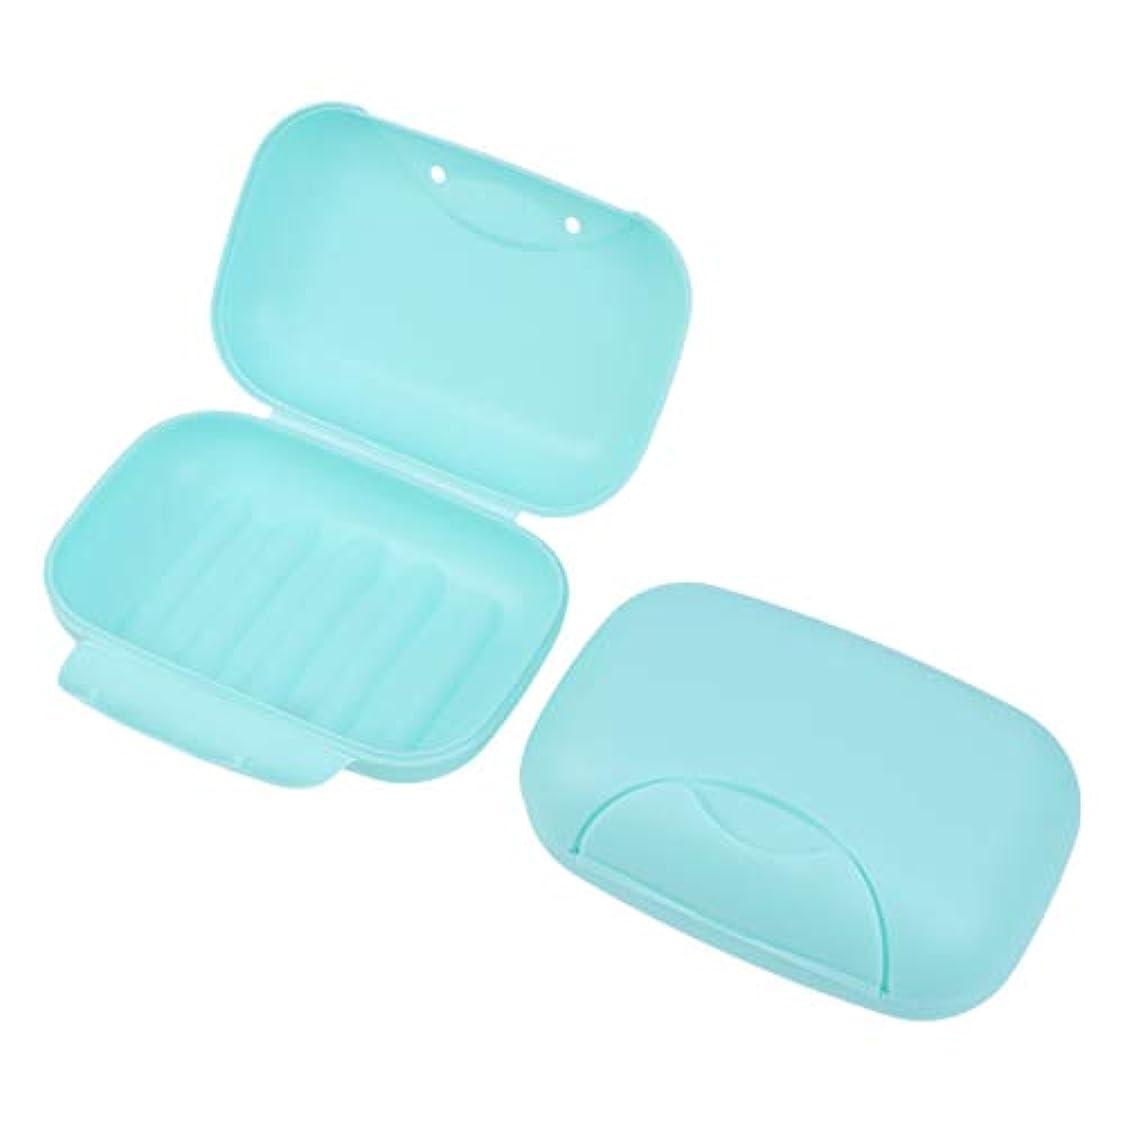 神経衰弱バルコニーにはまってHealifty 旅行用ソープボックス防水石鹸皿ソープホルダー2個(青)